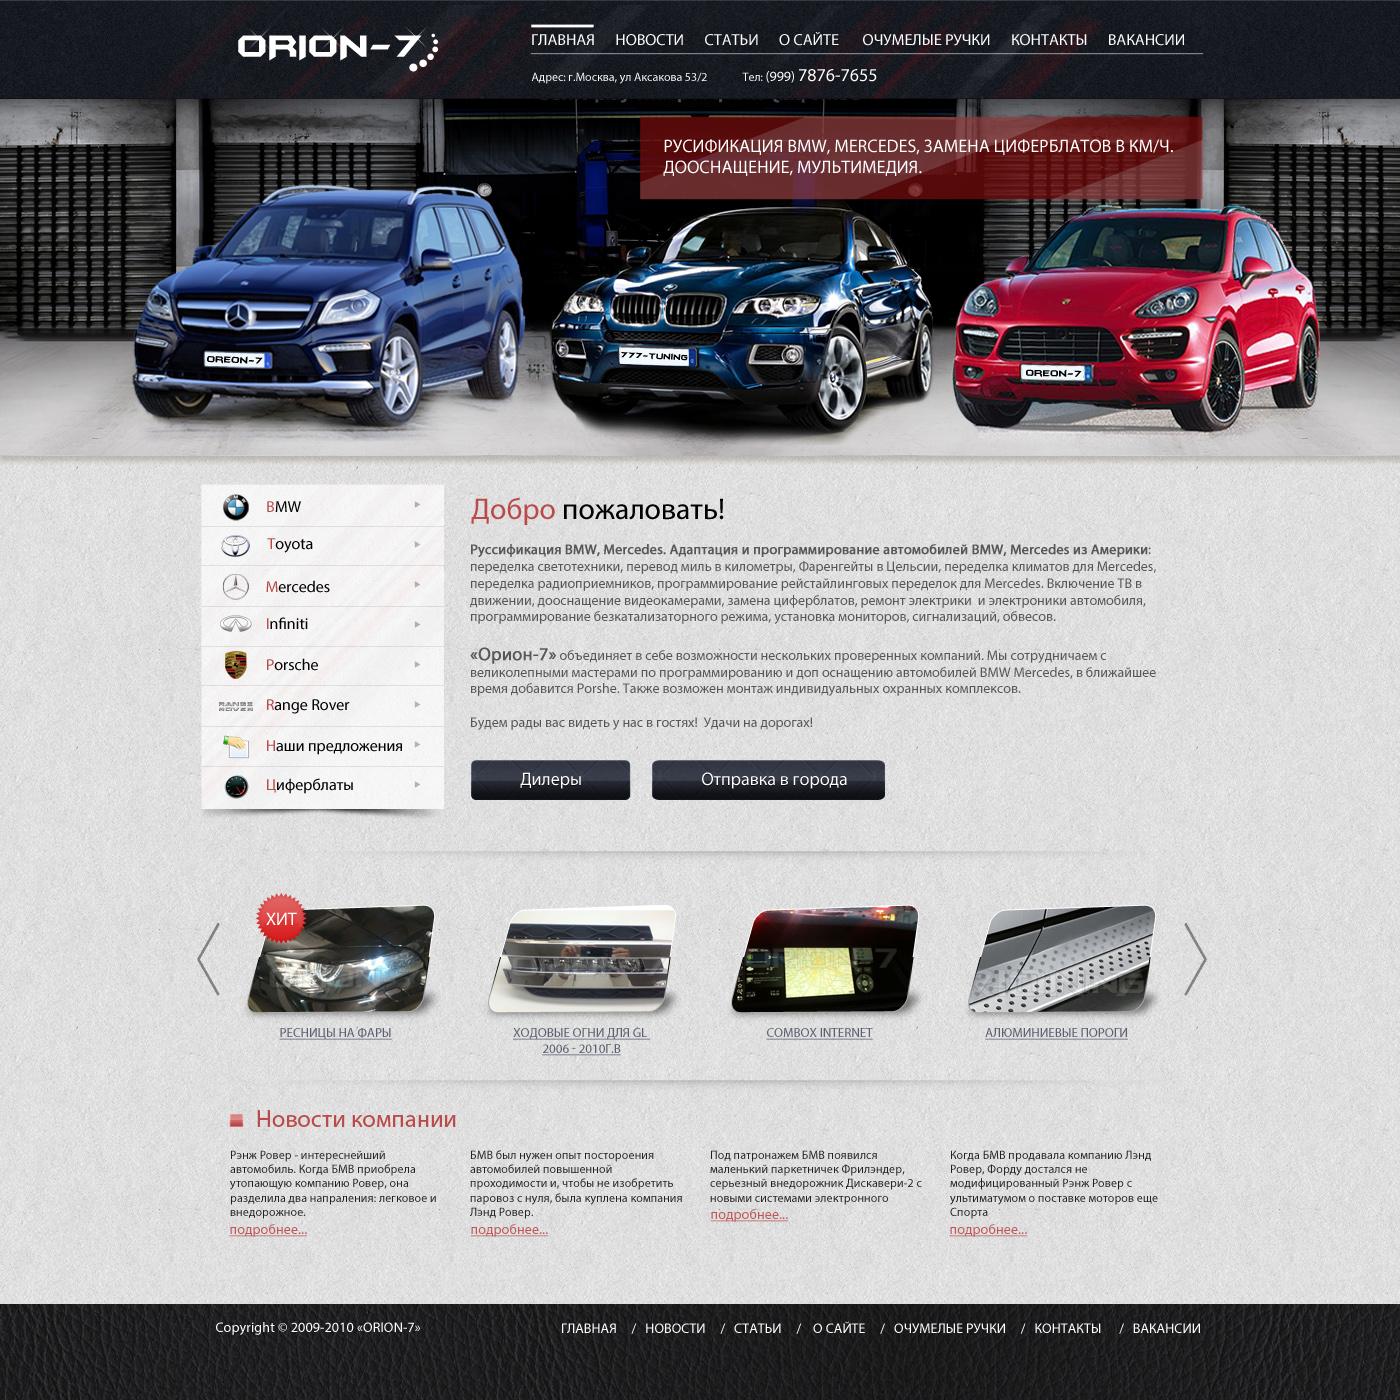 Дизайн сайта автотюнинга ORION-7